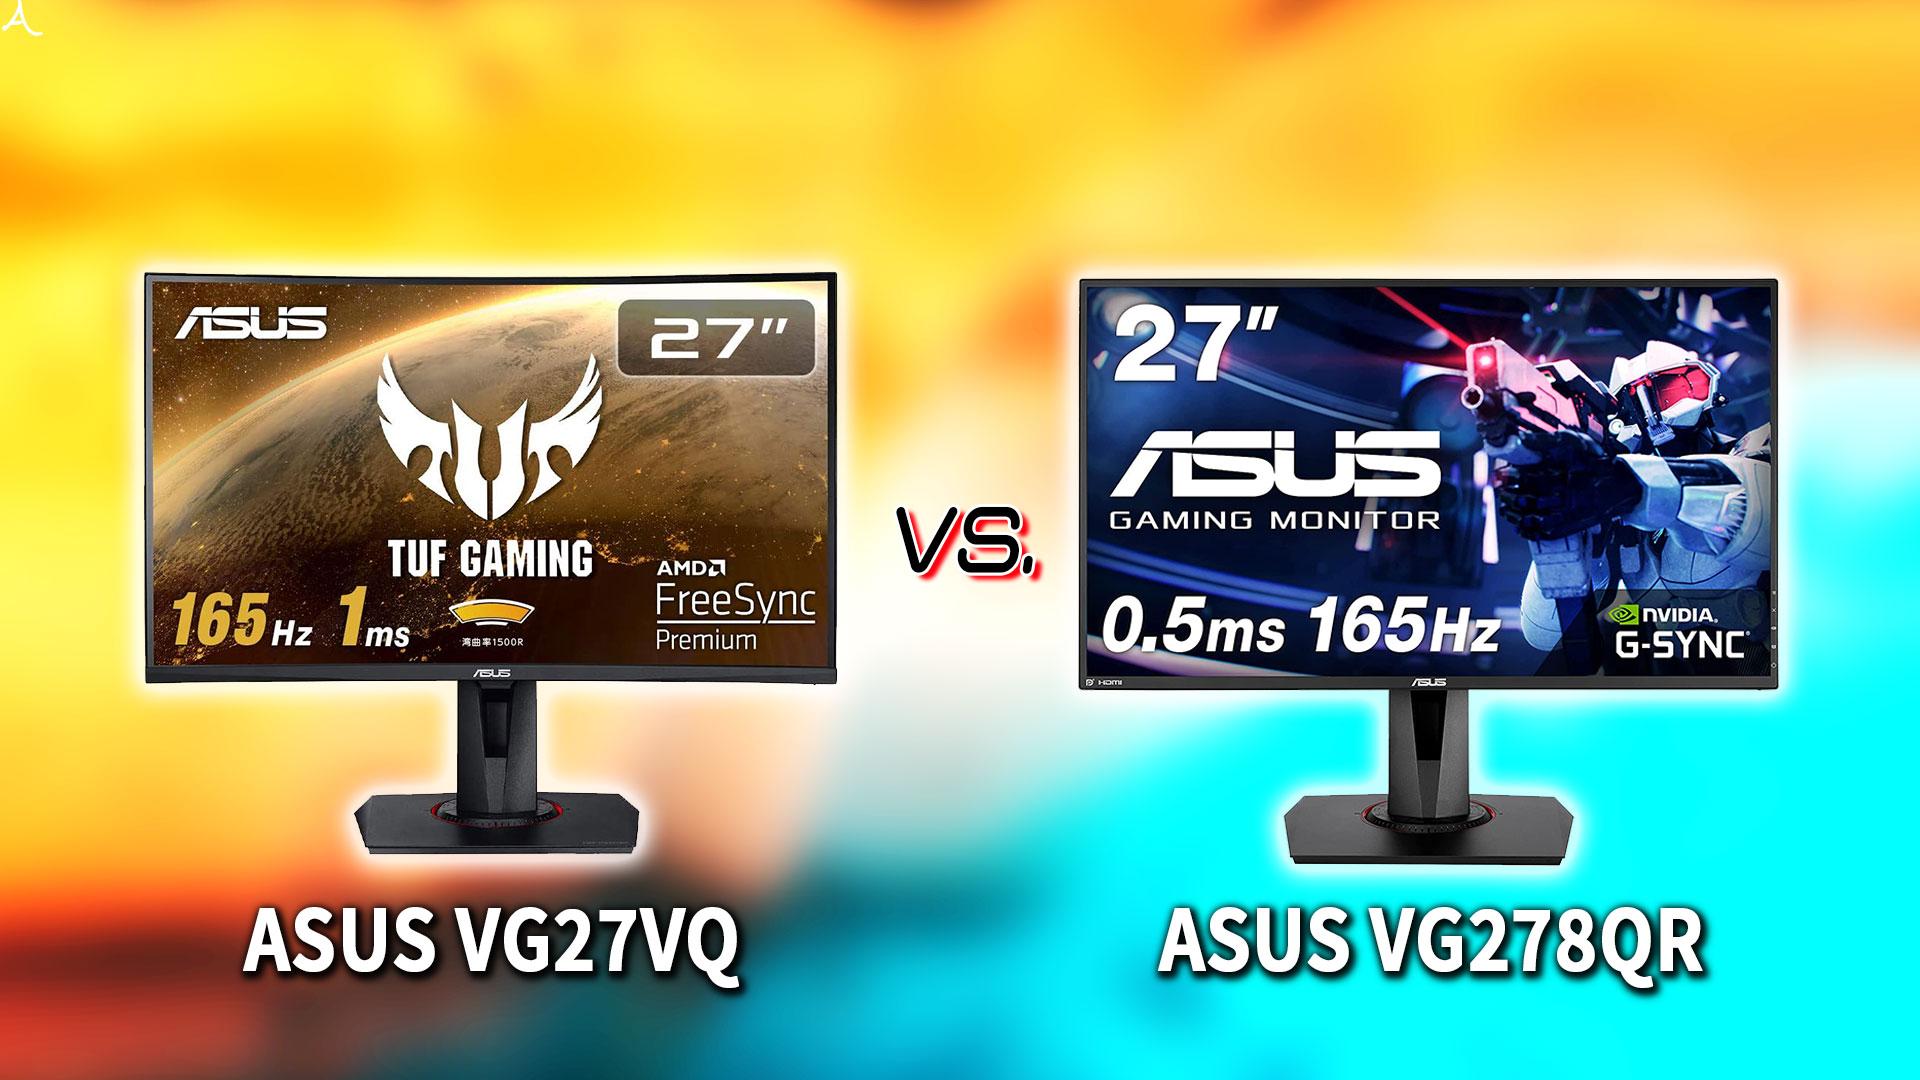 「ASUS VG27VQ」と「VG278QR」の違いを比較:どっちを買う?